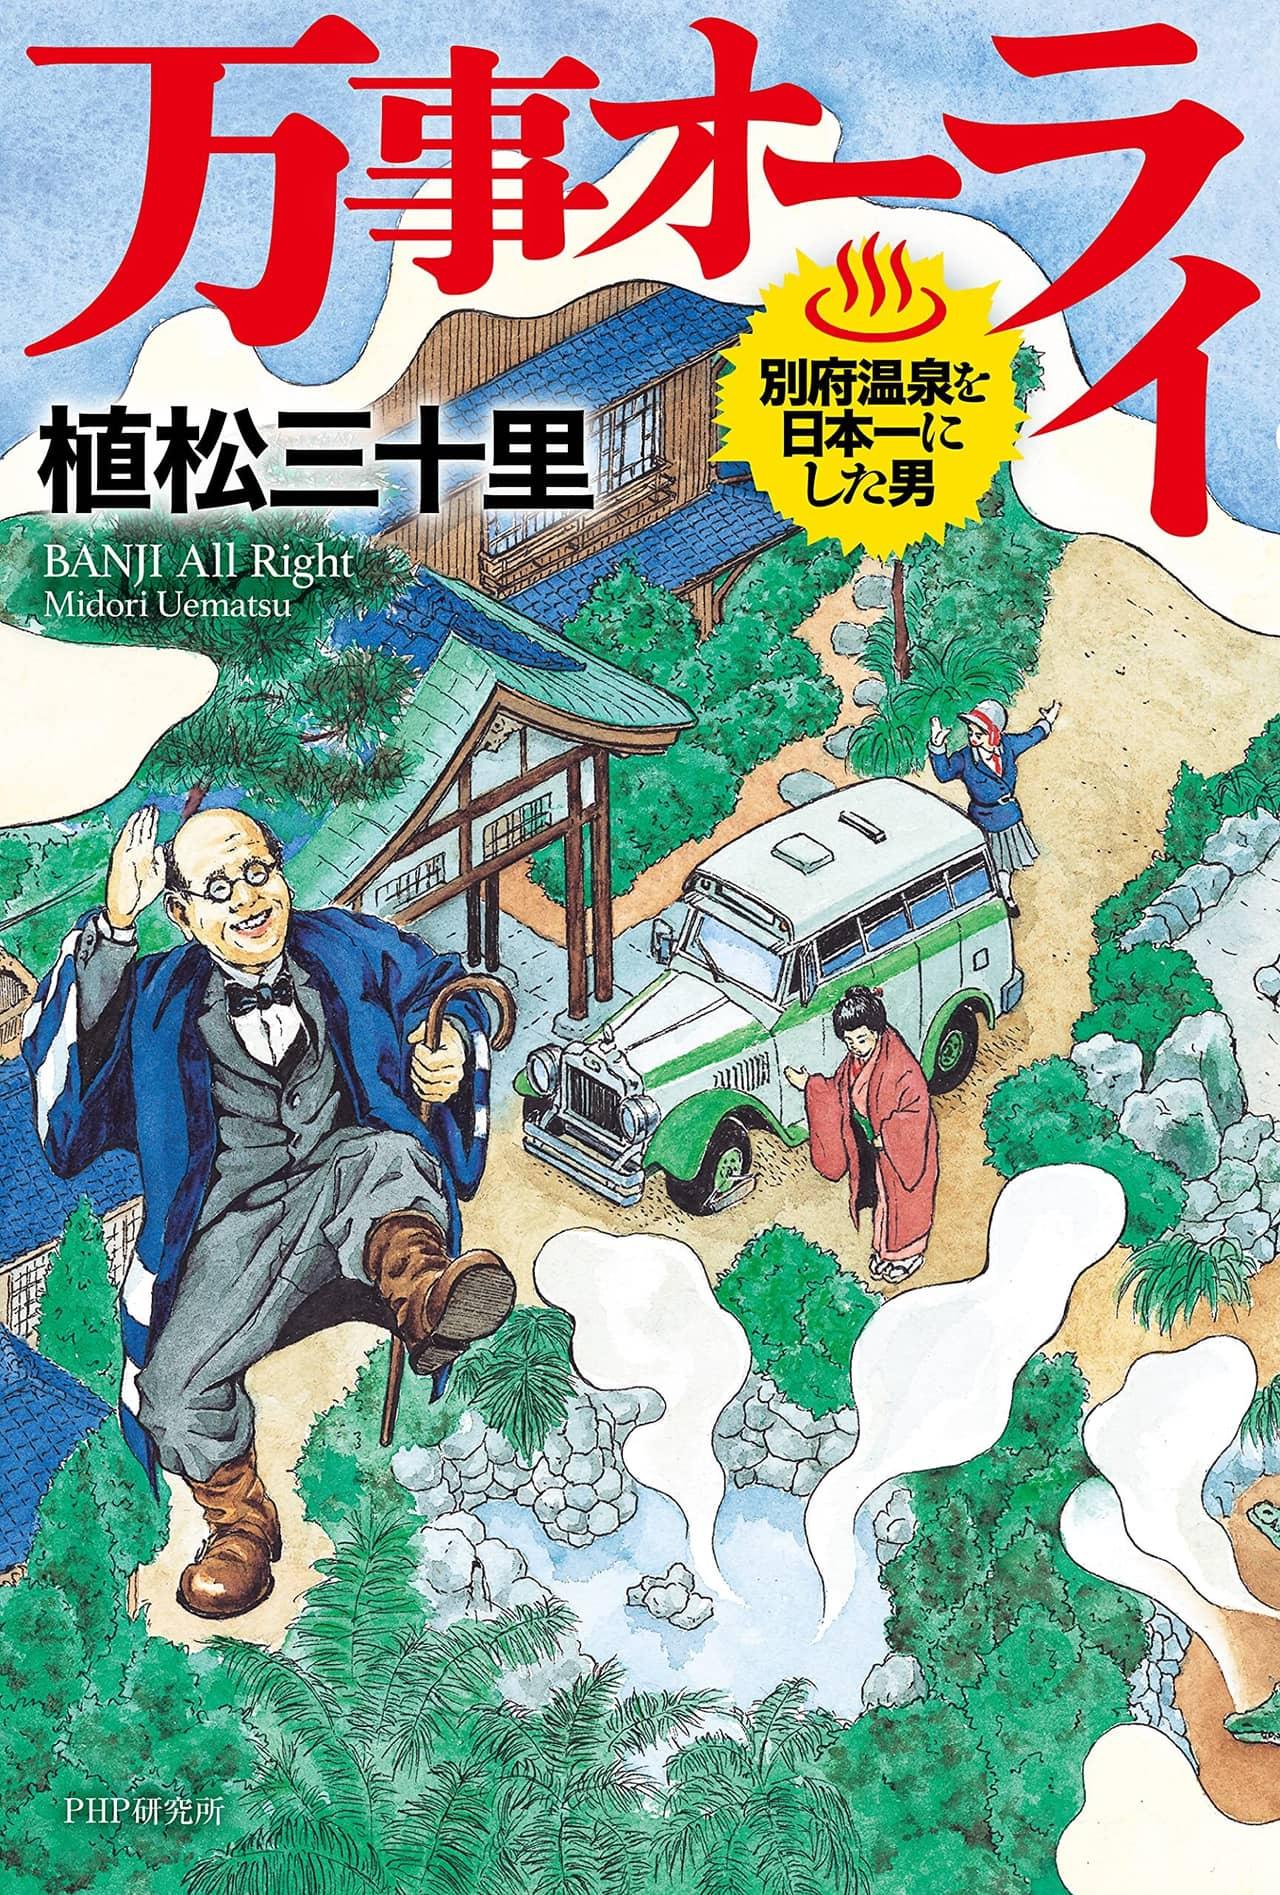 明治末期に別府の観光開発を手掛けた油屋熊八(あぶらやくまはち)。稀代のアイデアマンの生涯を描く小説『万事オーライ』